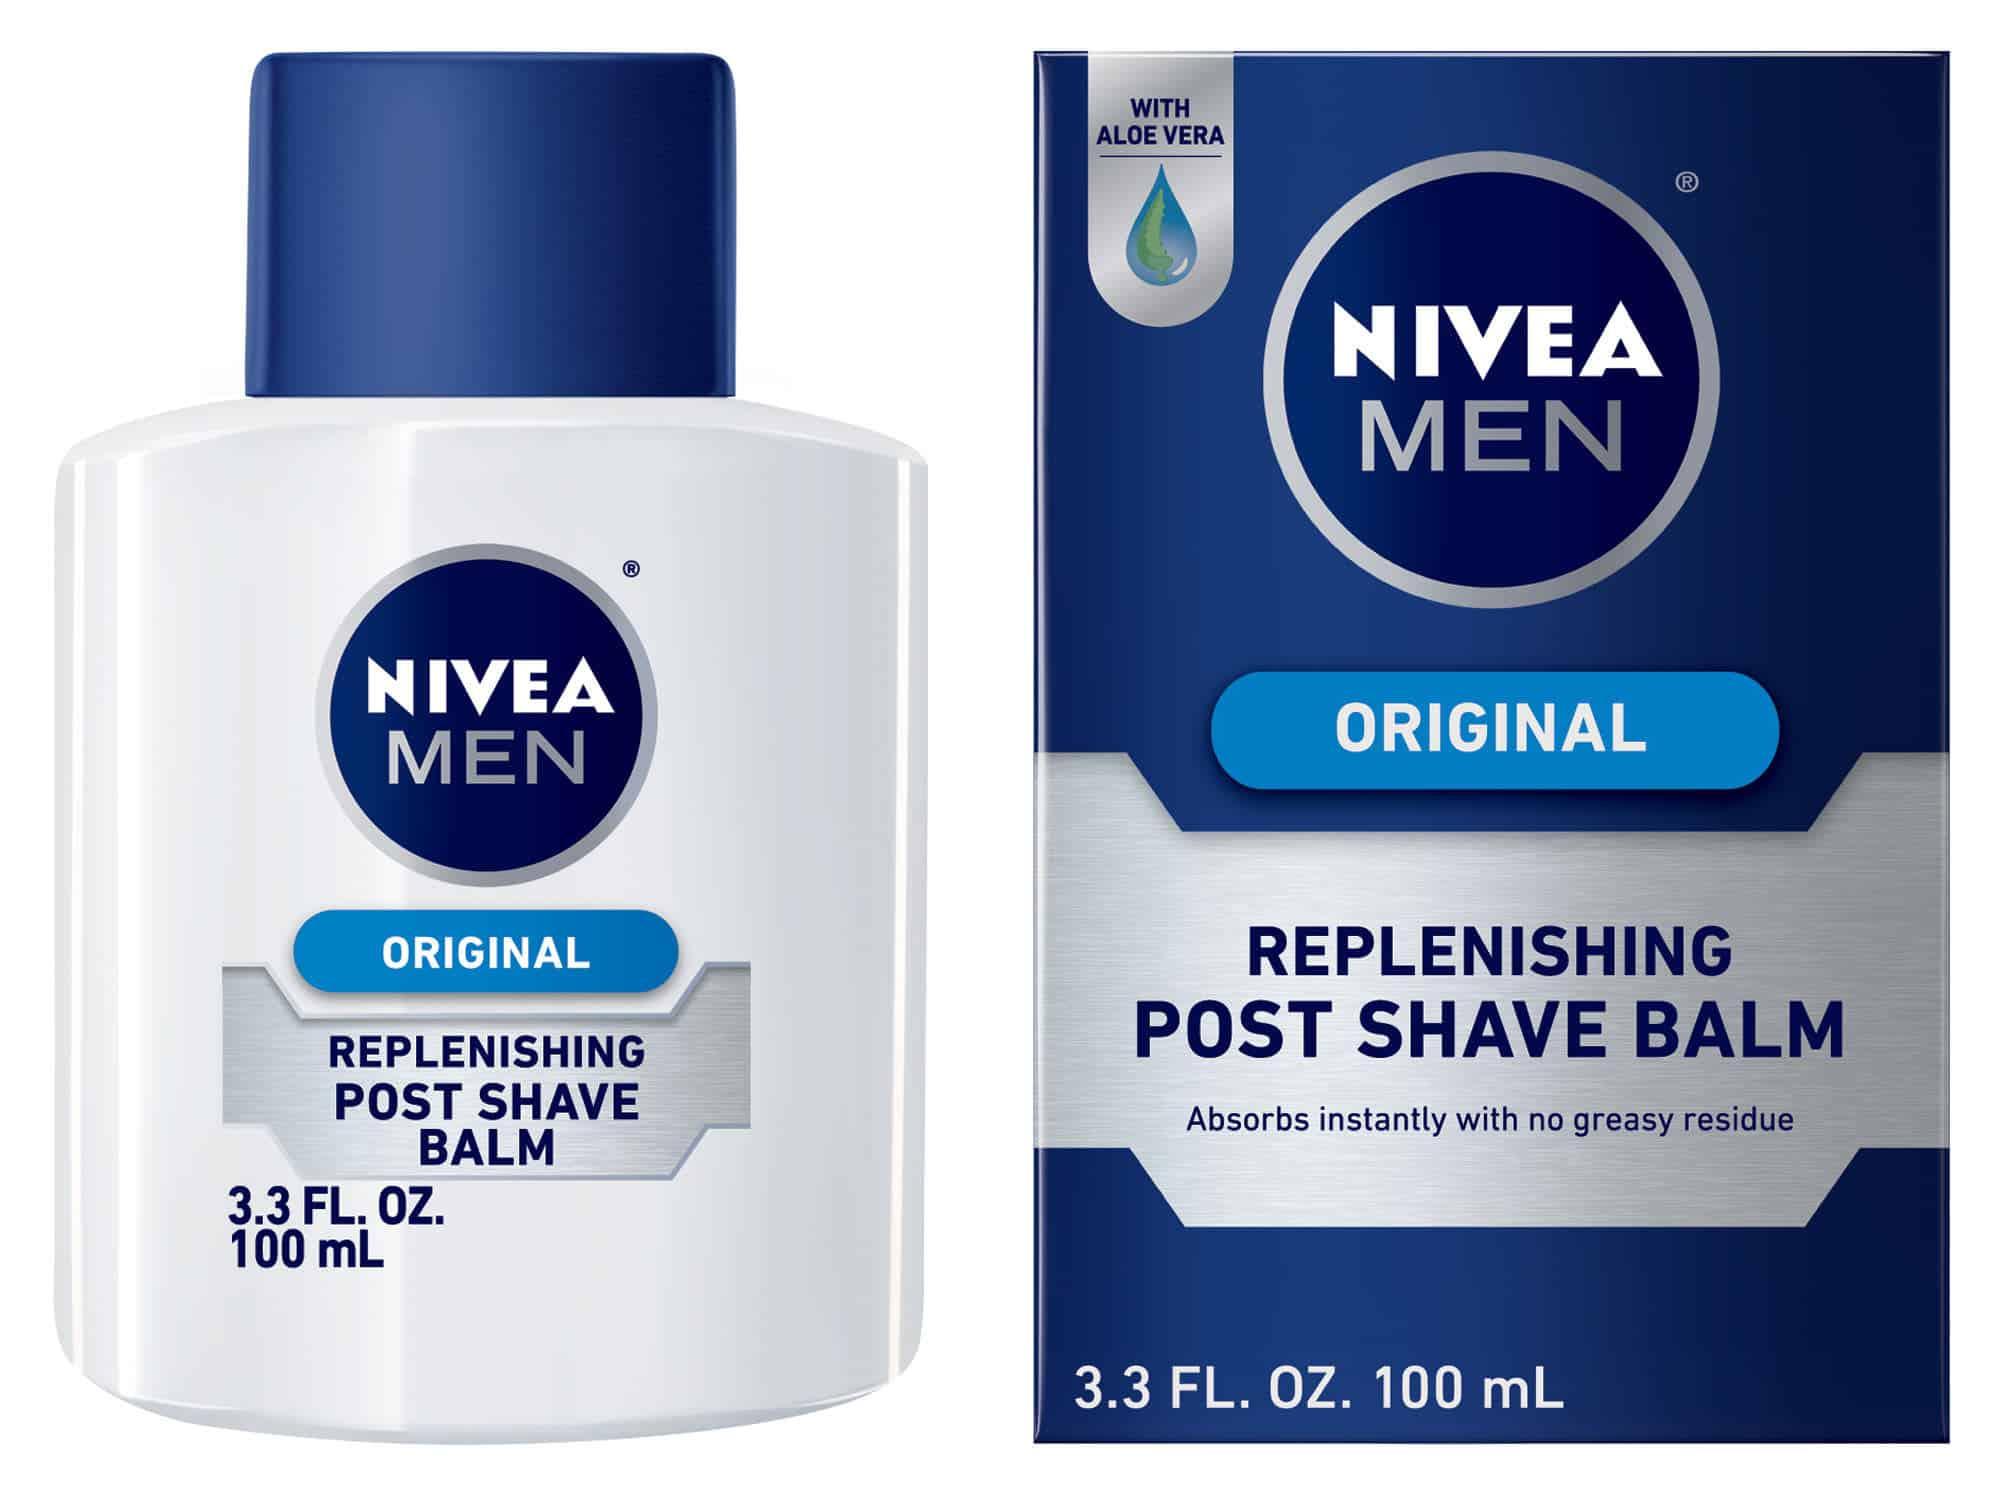 Nivea original after shave replenishing post shave balm